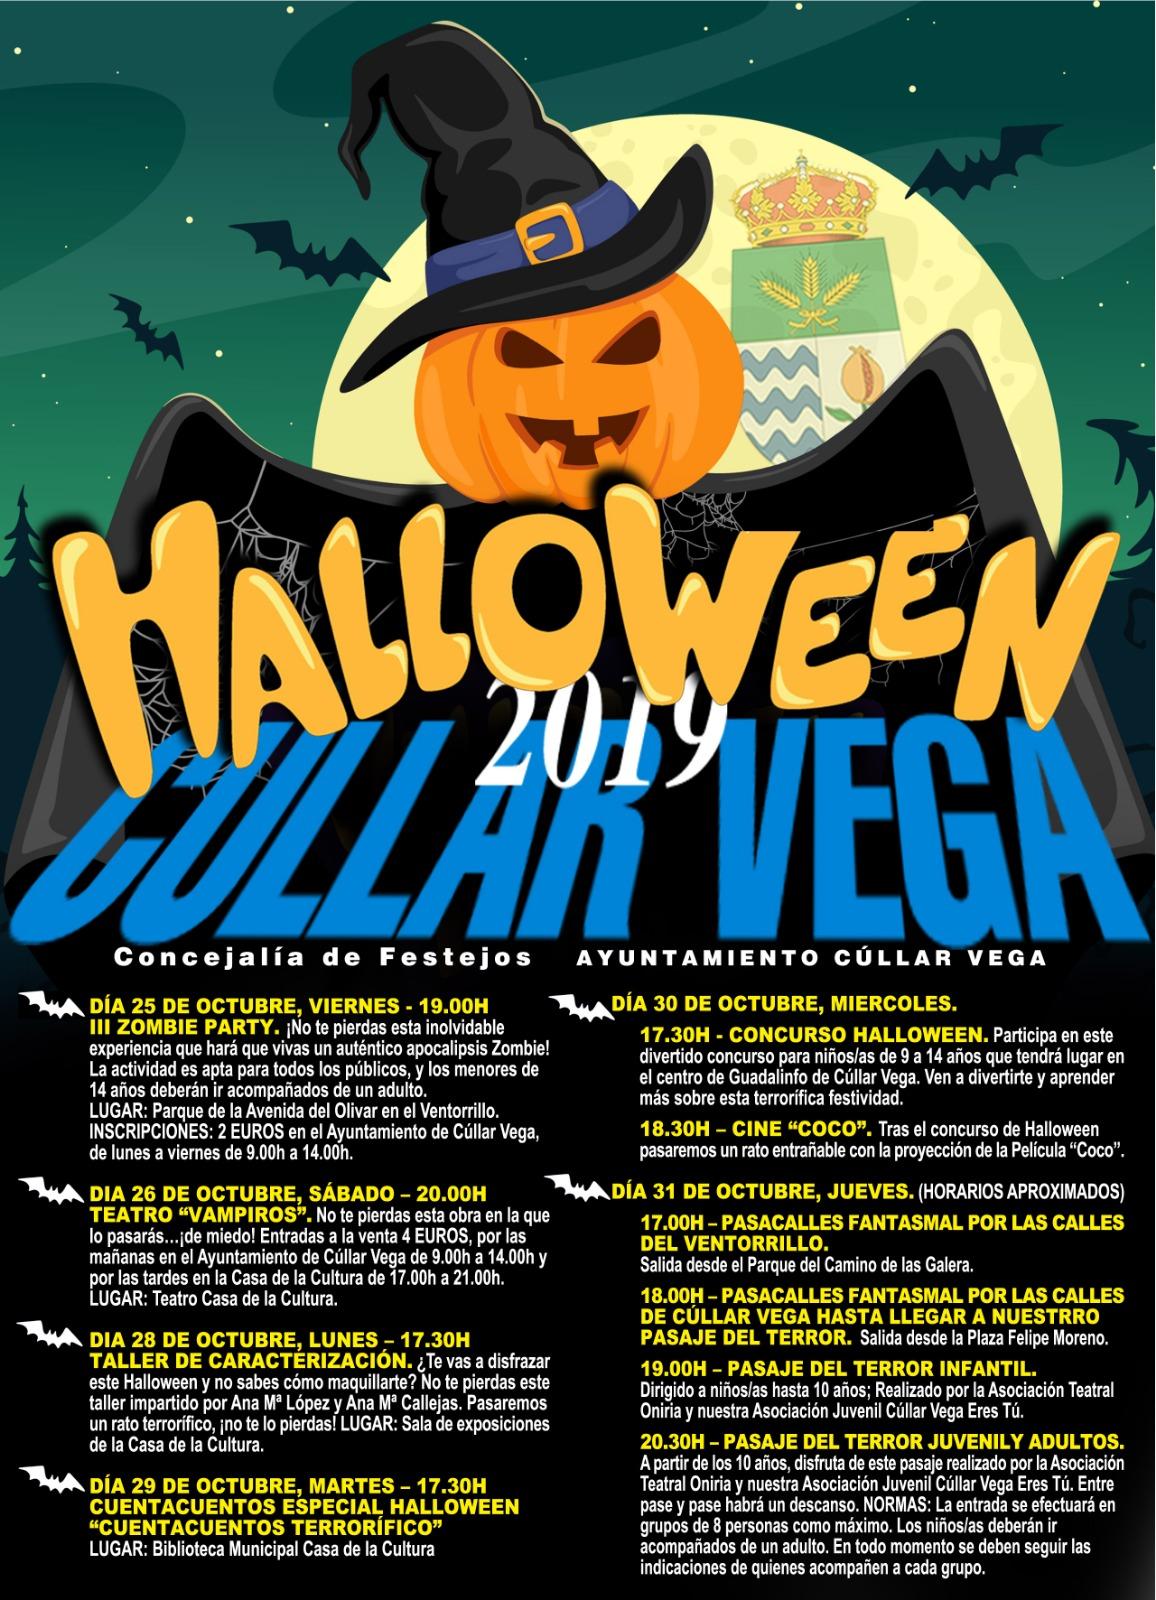 Halloween 2019 en Cúllar Vega